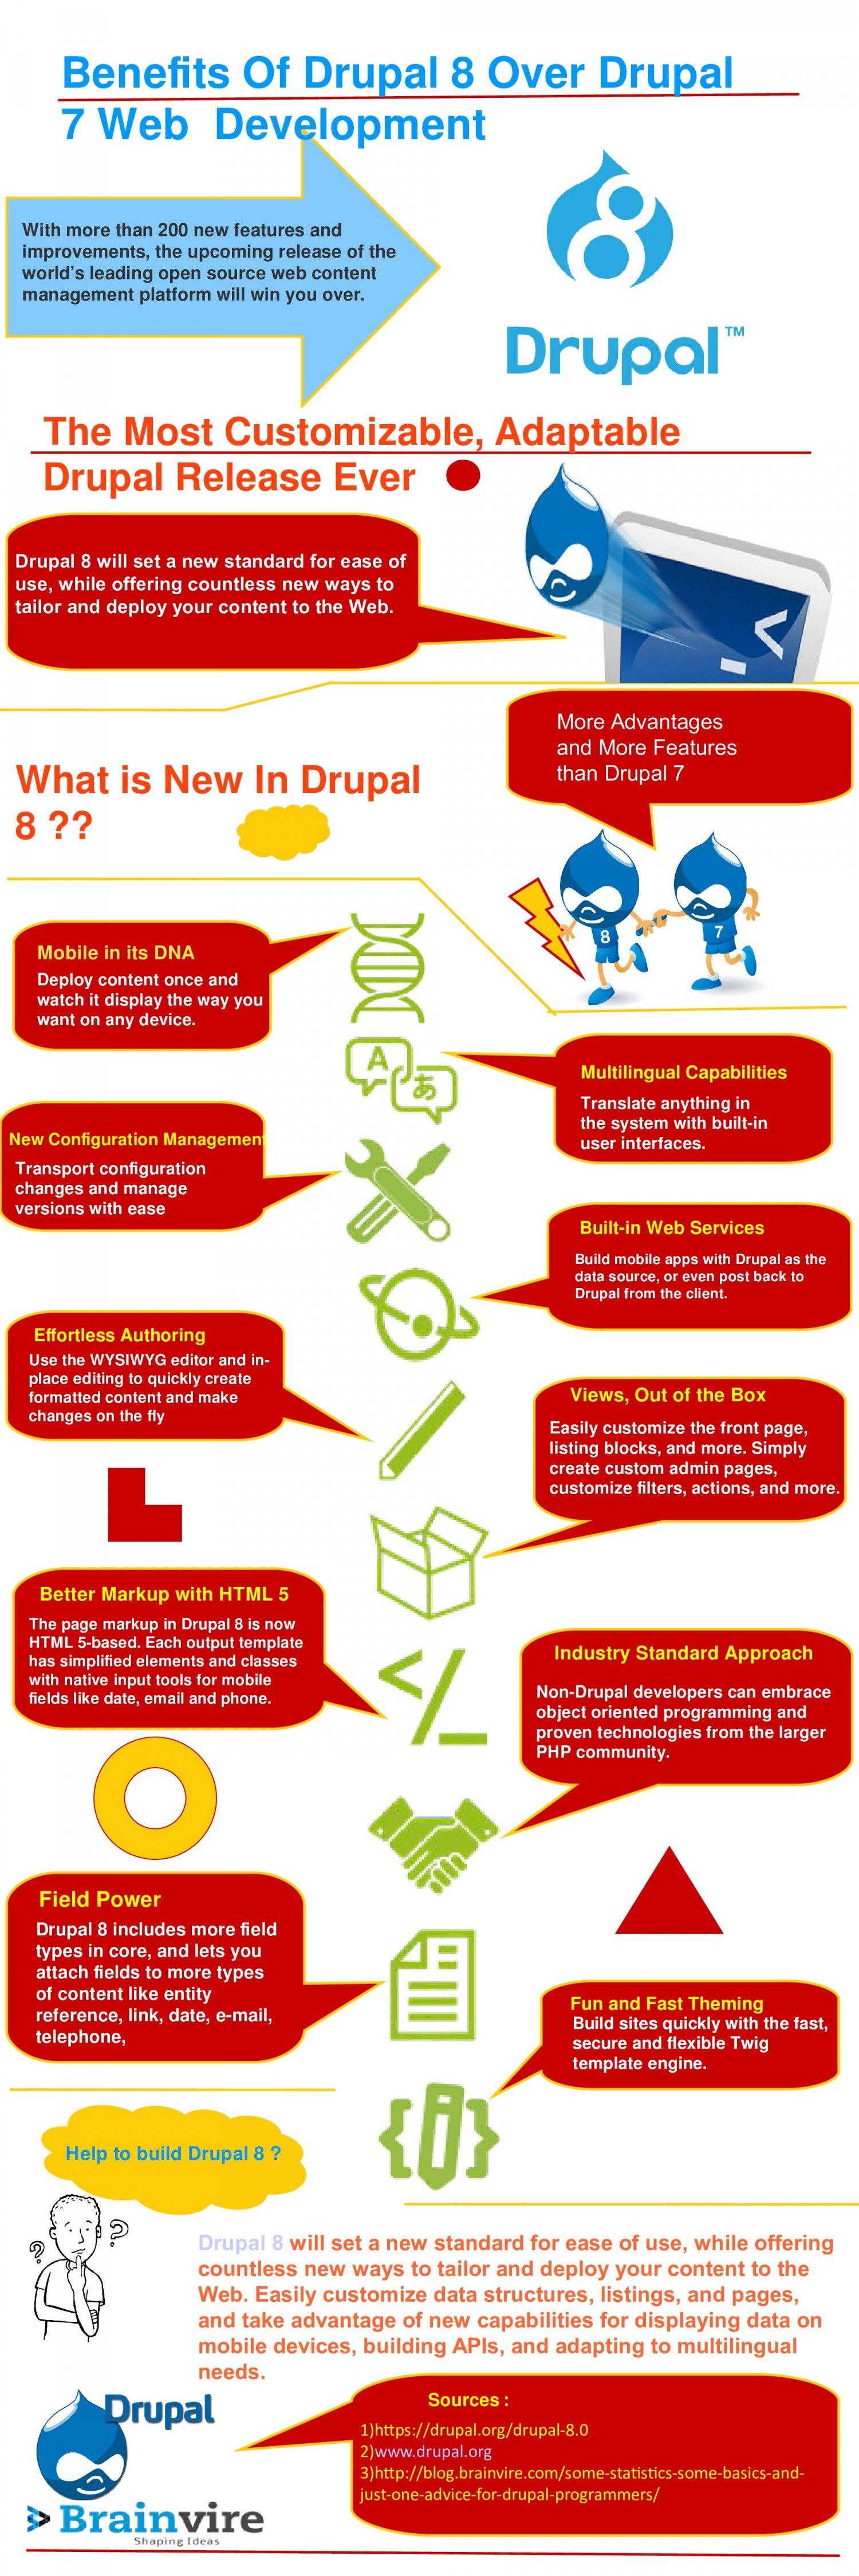 Benefits Of Drupal 8 Over Drupal 7 Web Development Infographic